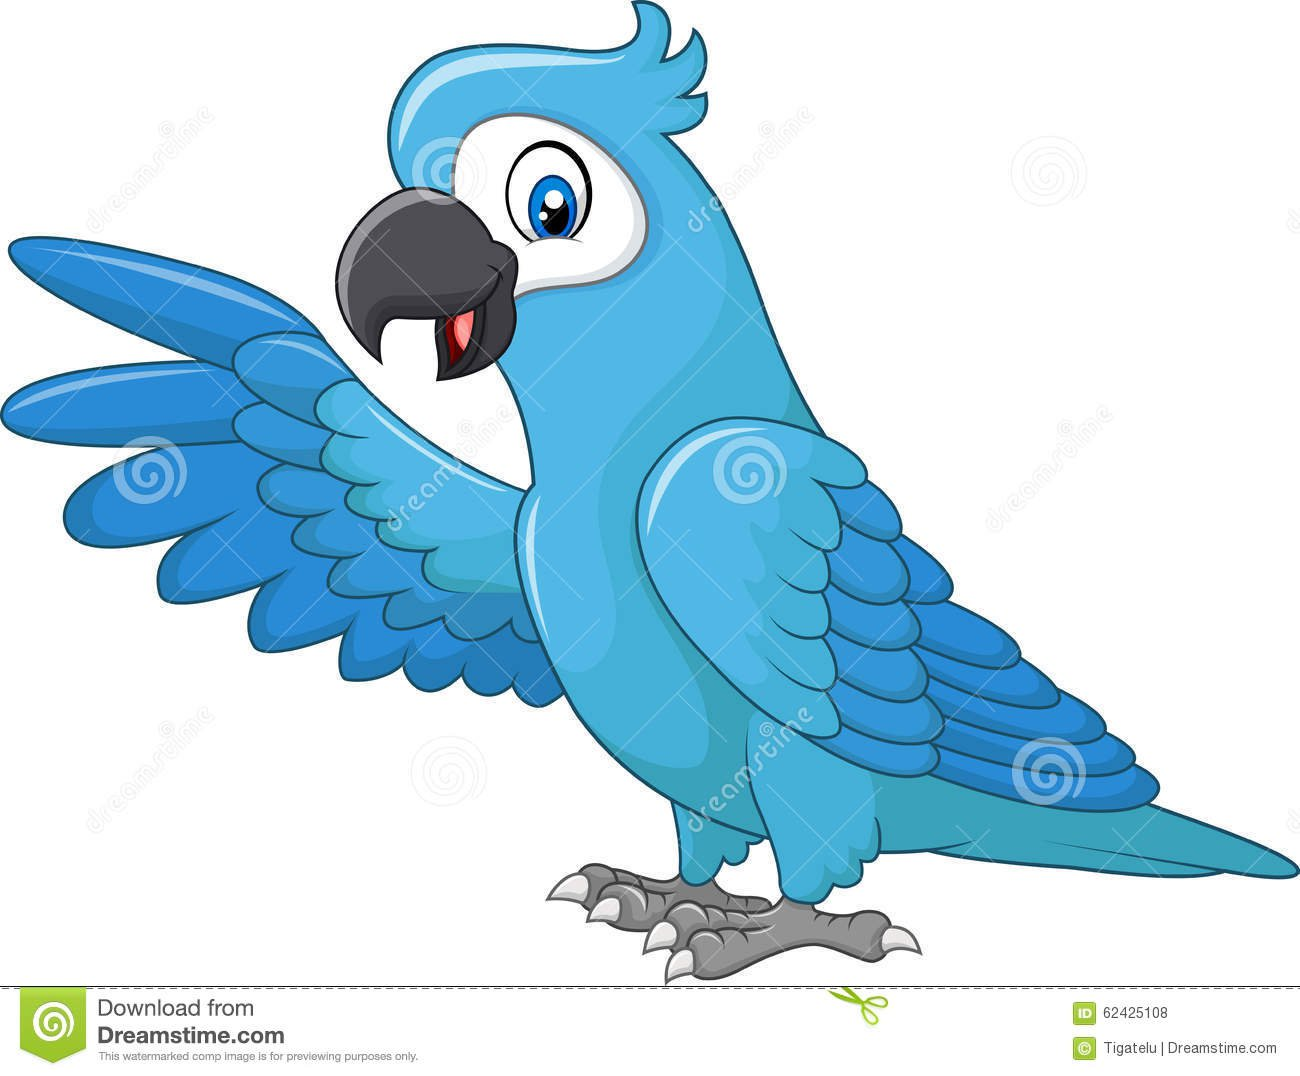 Apresentação Azul Engraçada Da Arara Dos Desenhos Animados Isolada